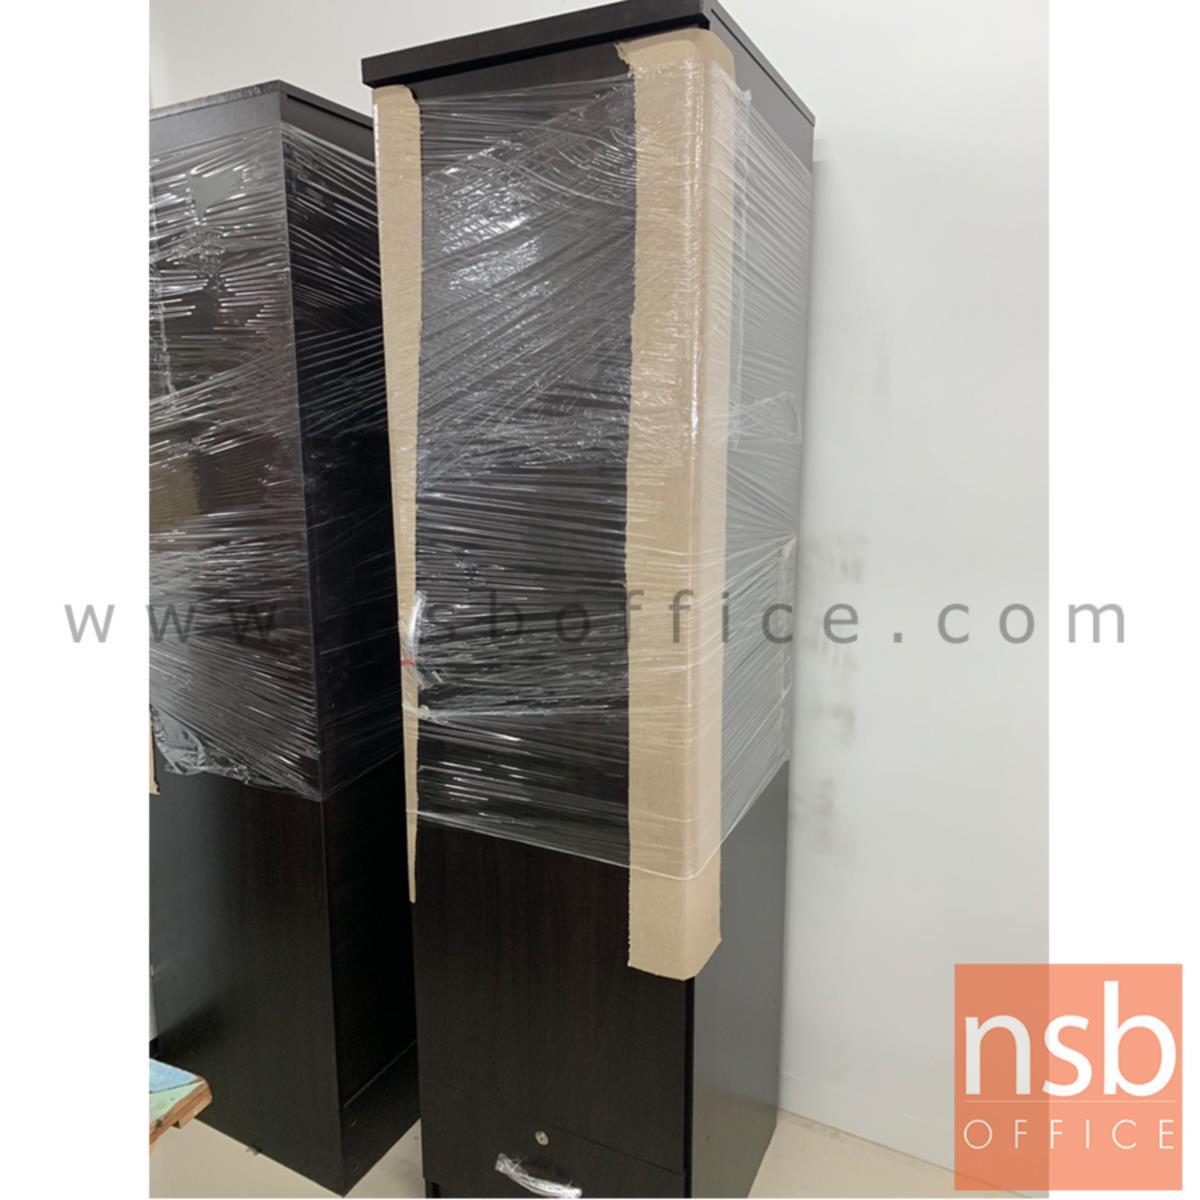 ตู้เสื้อผ้า 1 ประตู 1 ลิ้นชัก 50W*53D*190H cm   สีโซลิต สีสัก สีโอ๊ค